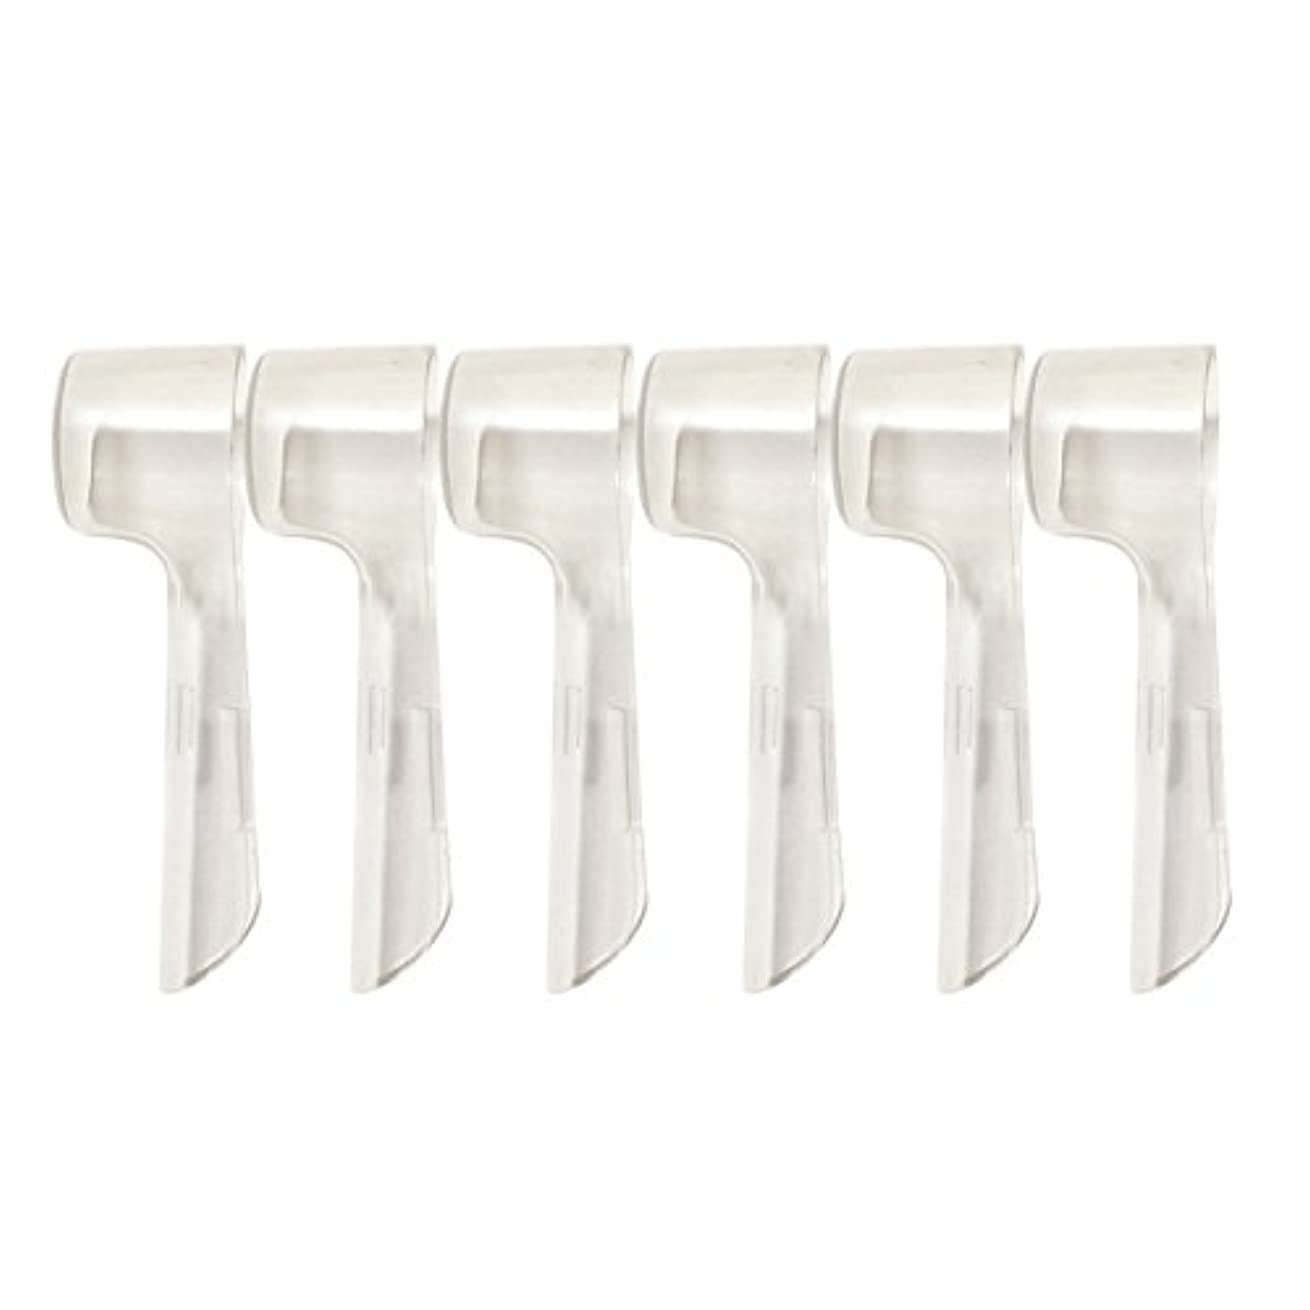 仲介者けん引ロイヤリティSUPVOX 旅行のために便利な電動歯ブラシのための6本の歯ブラシヘッド保護カバーとより衛生的にするために細菌をほこりから守るためのより衛生的な